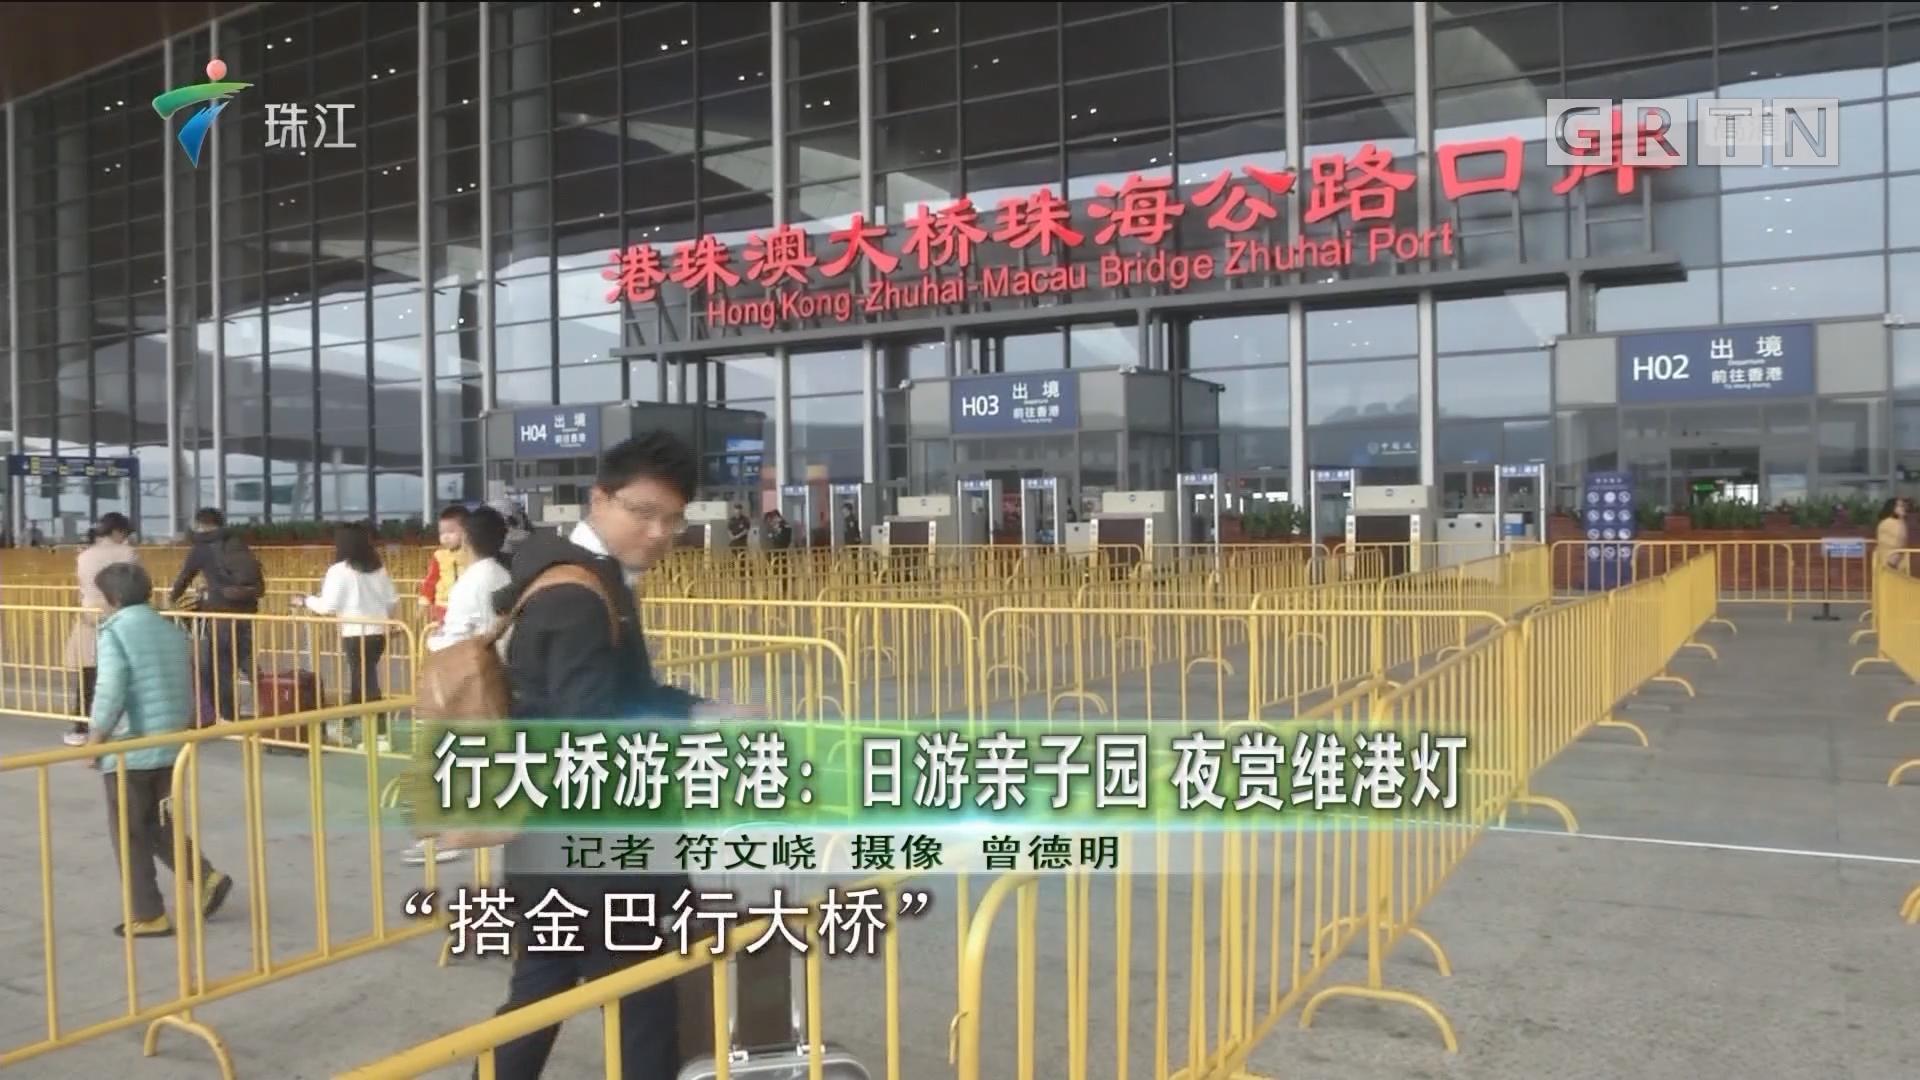 行大桥游香港:日游亲子园 夜赏维港灯